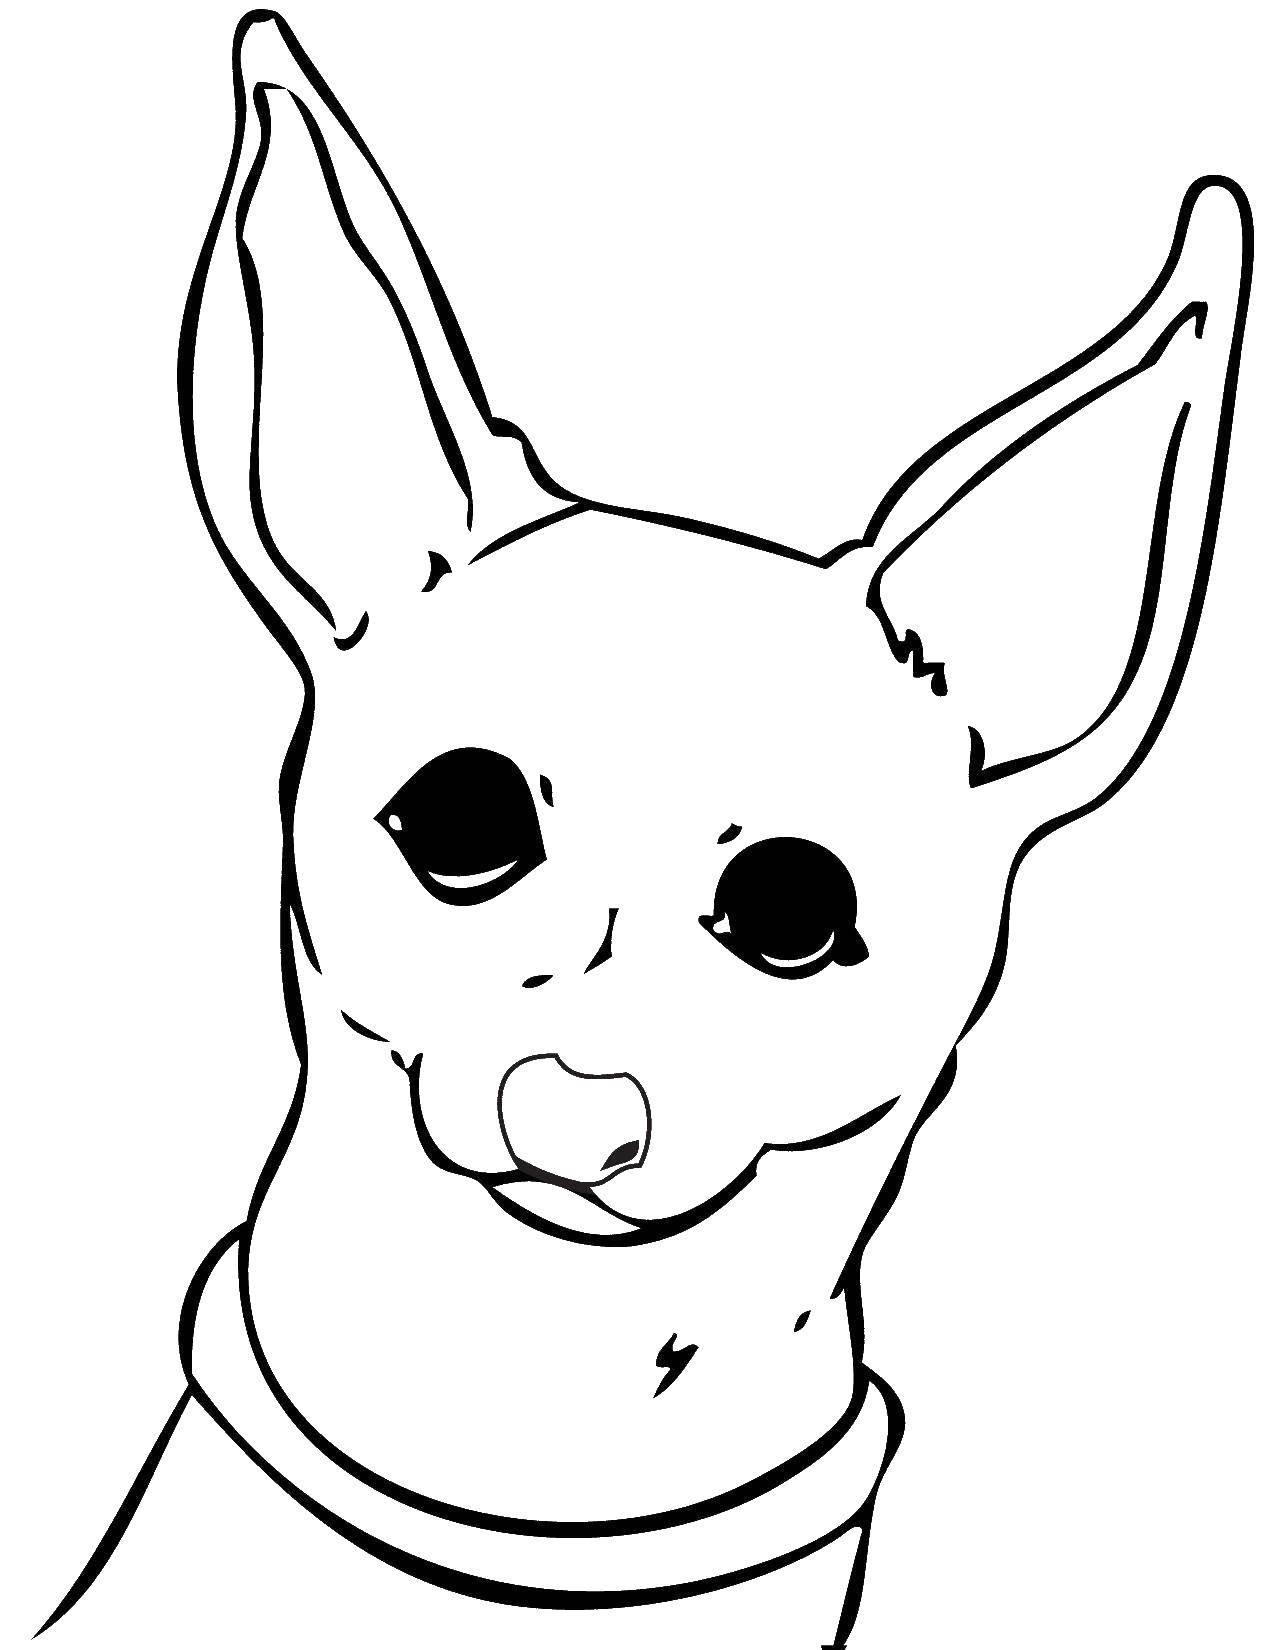 Раскраска Собака чихуахуа Скачать собака, чихуахуа, ушки.  Распечатать ,собаки,